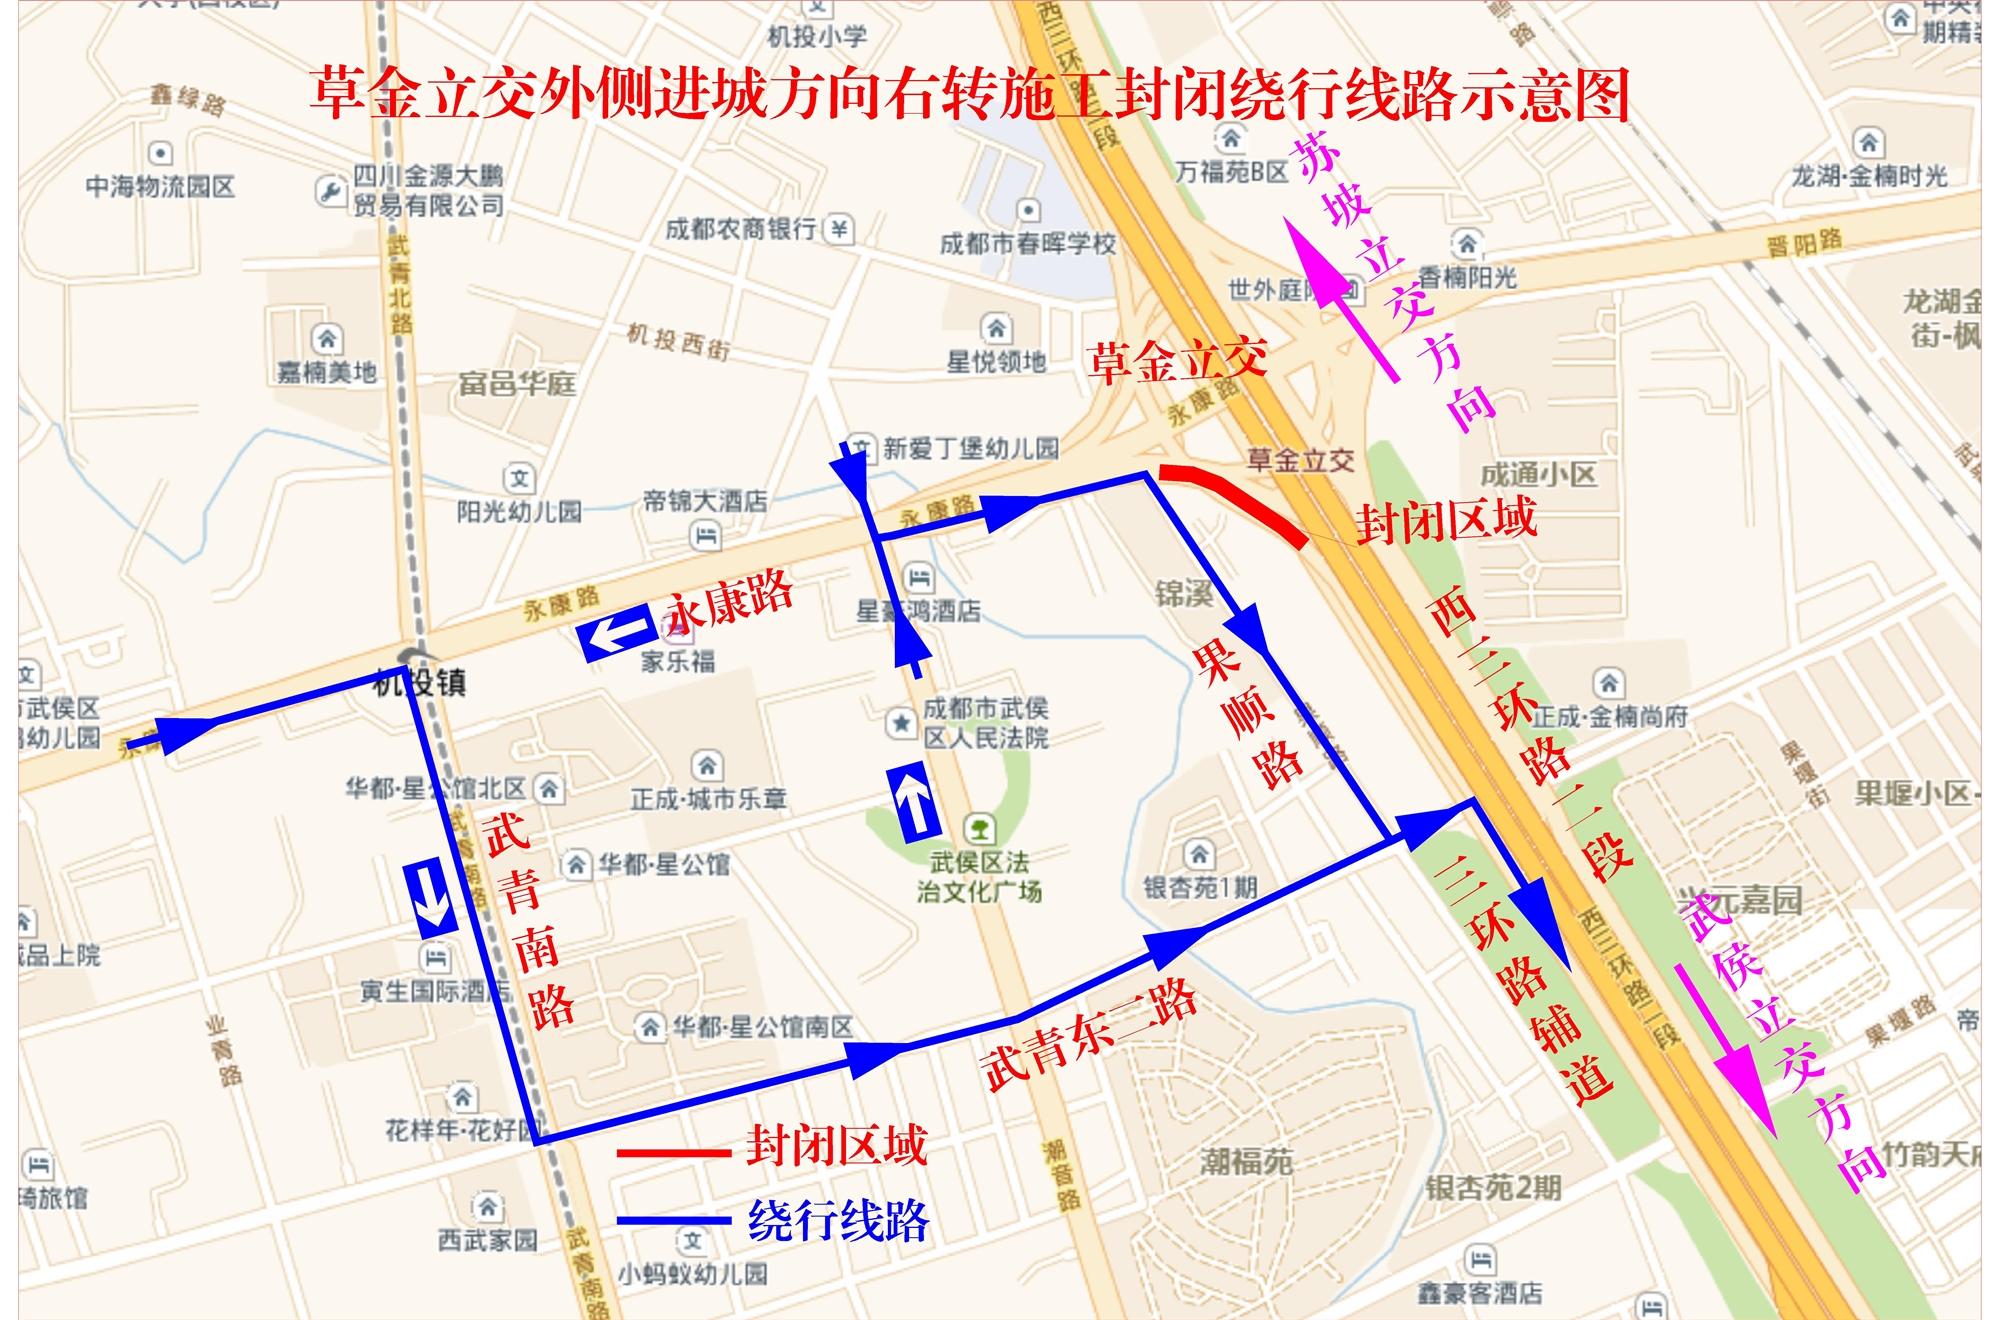 成都三环路草金立交施工 6月25日起交通组织有变